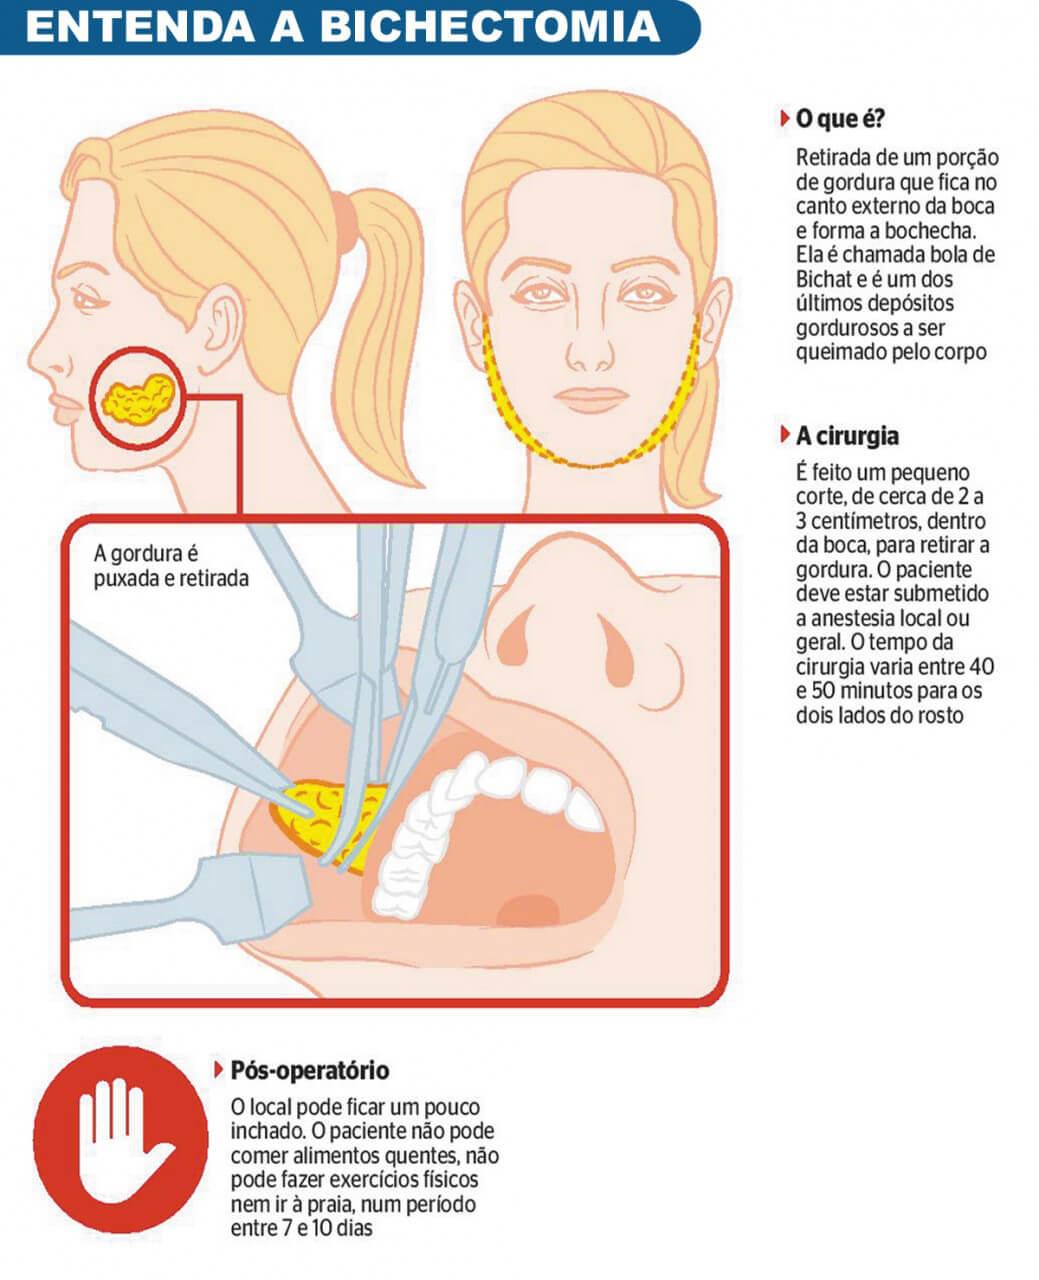 Tudo o que você queria saber sobre a Bichectomia